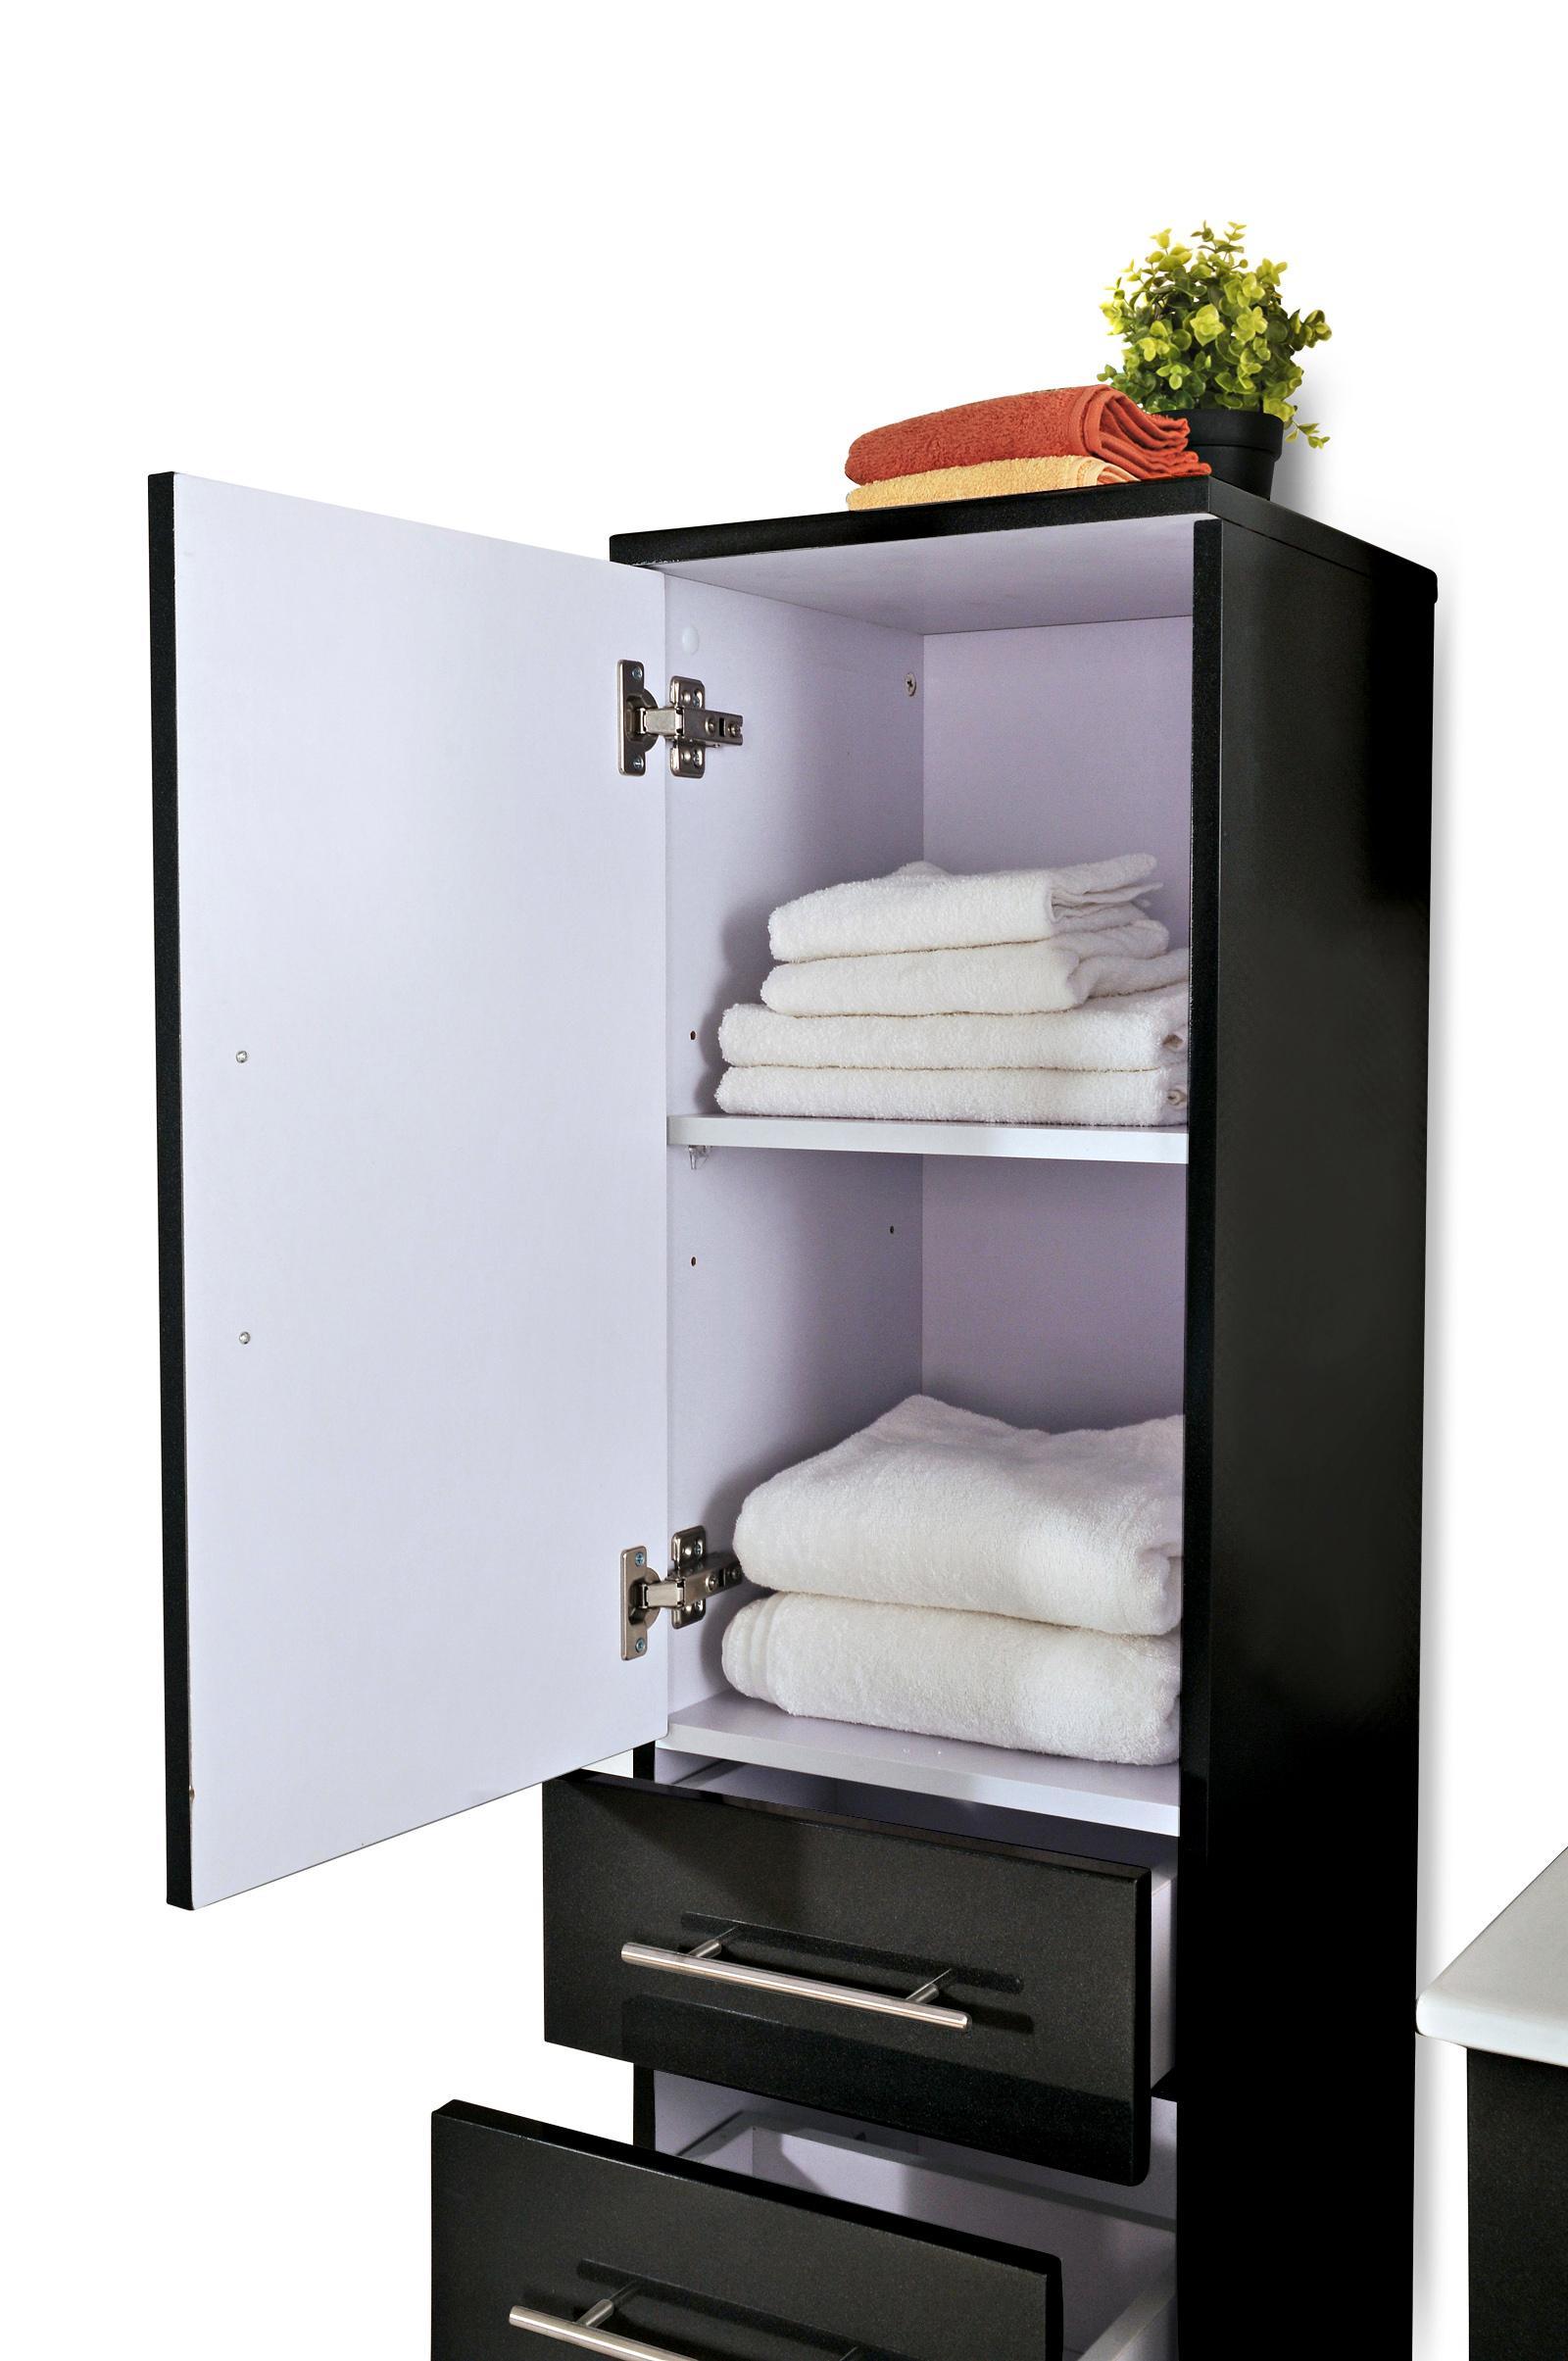 Movilter : schlafzimmer gestalten braun. wohnzimmer design ...